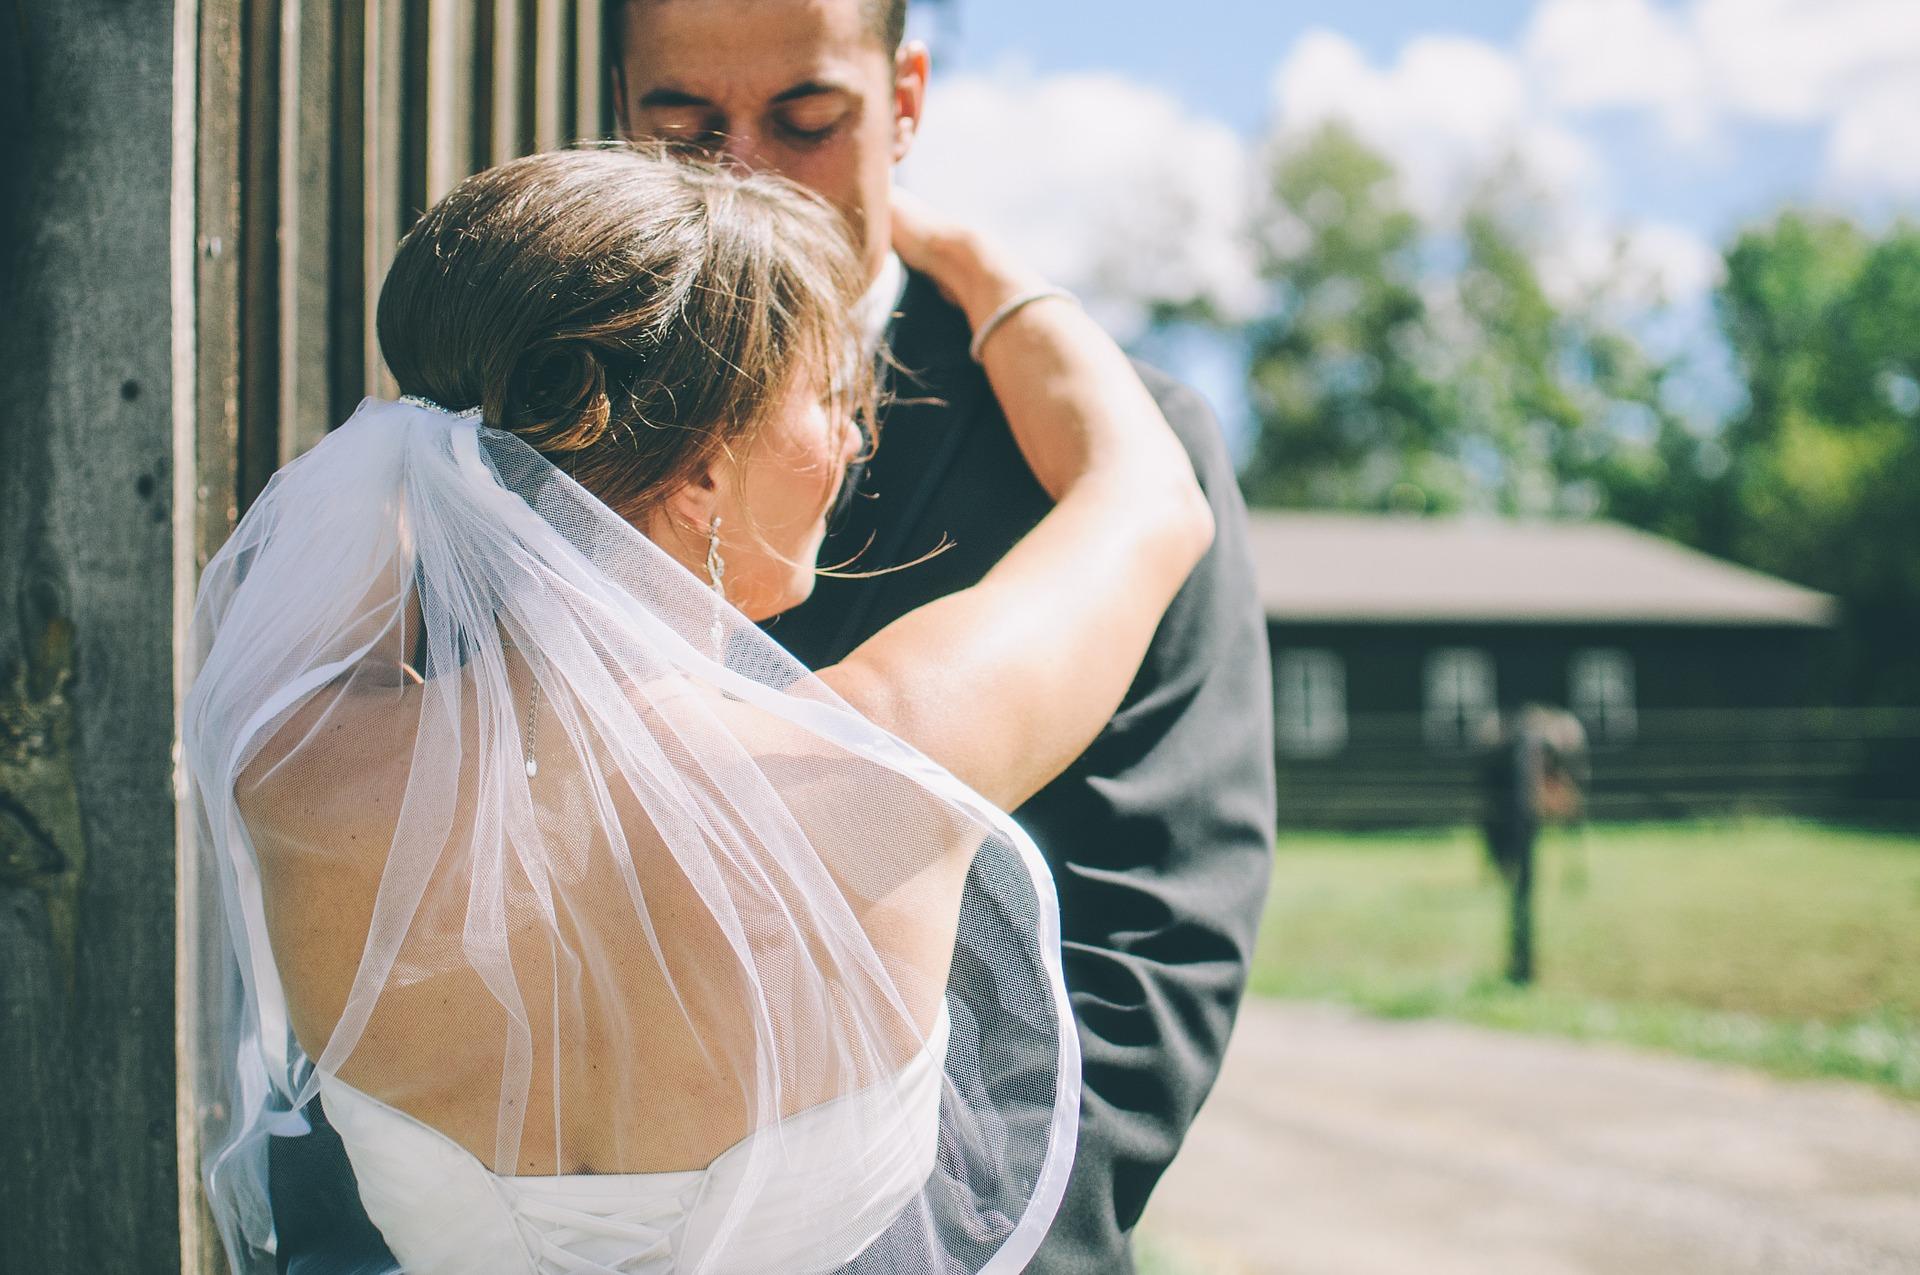 restauración matrimonial